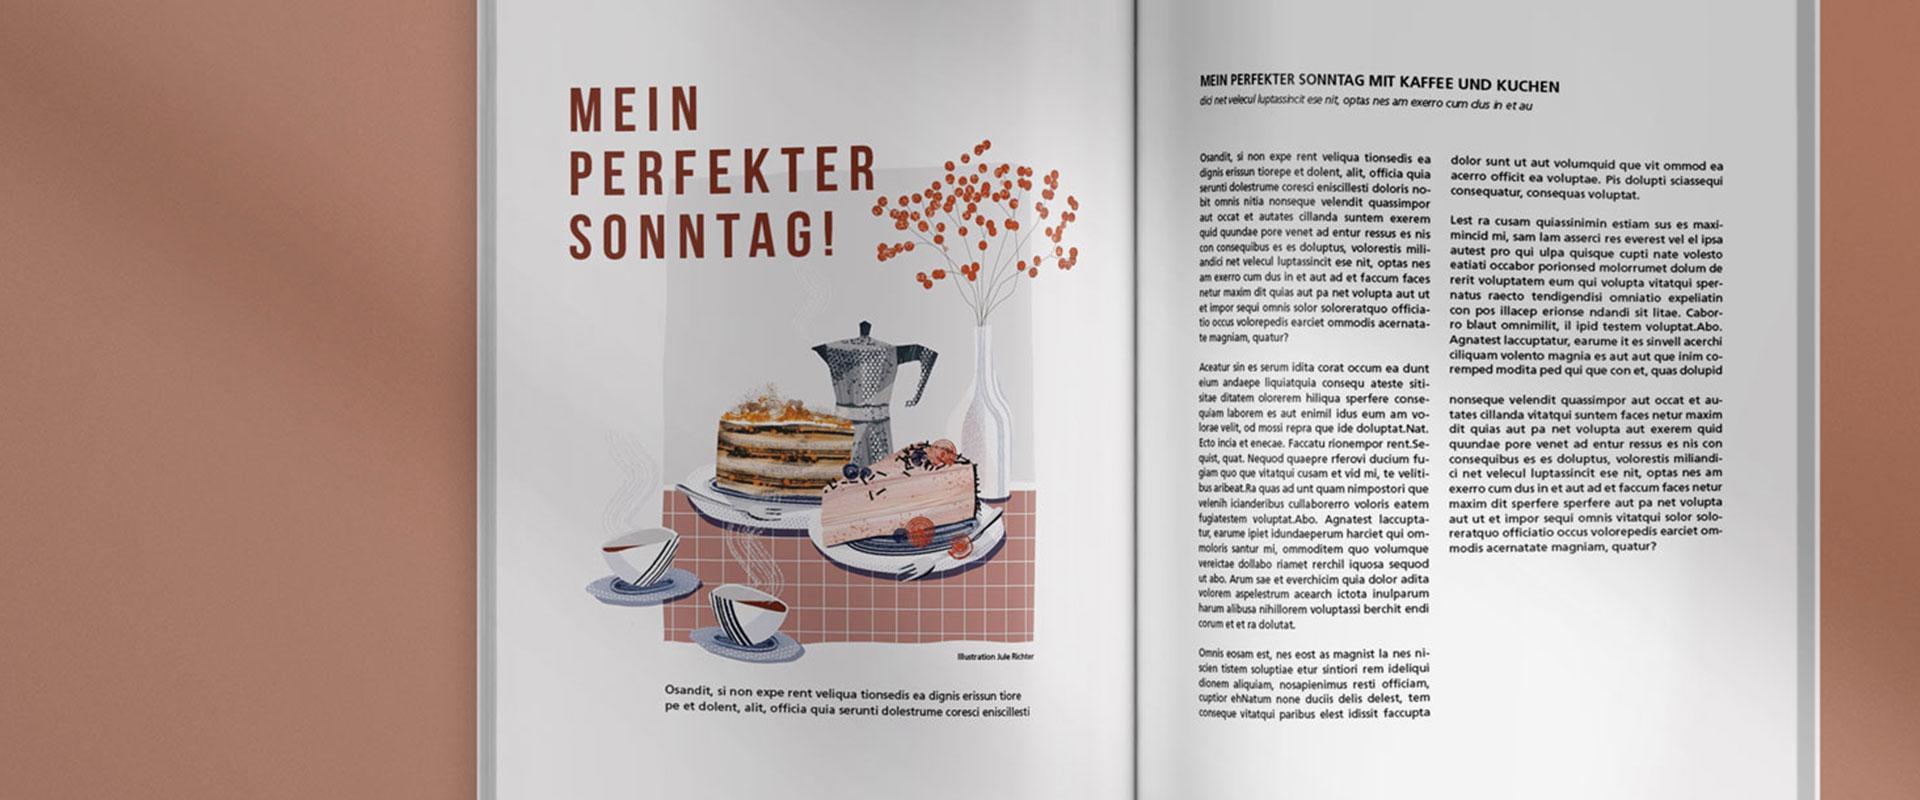 Aufgeschlagene Magazinseite mit linkes einer Illustration und rechts einem Artikel dazu.